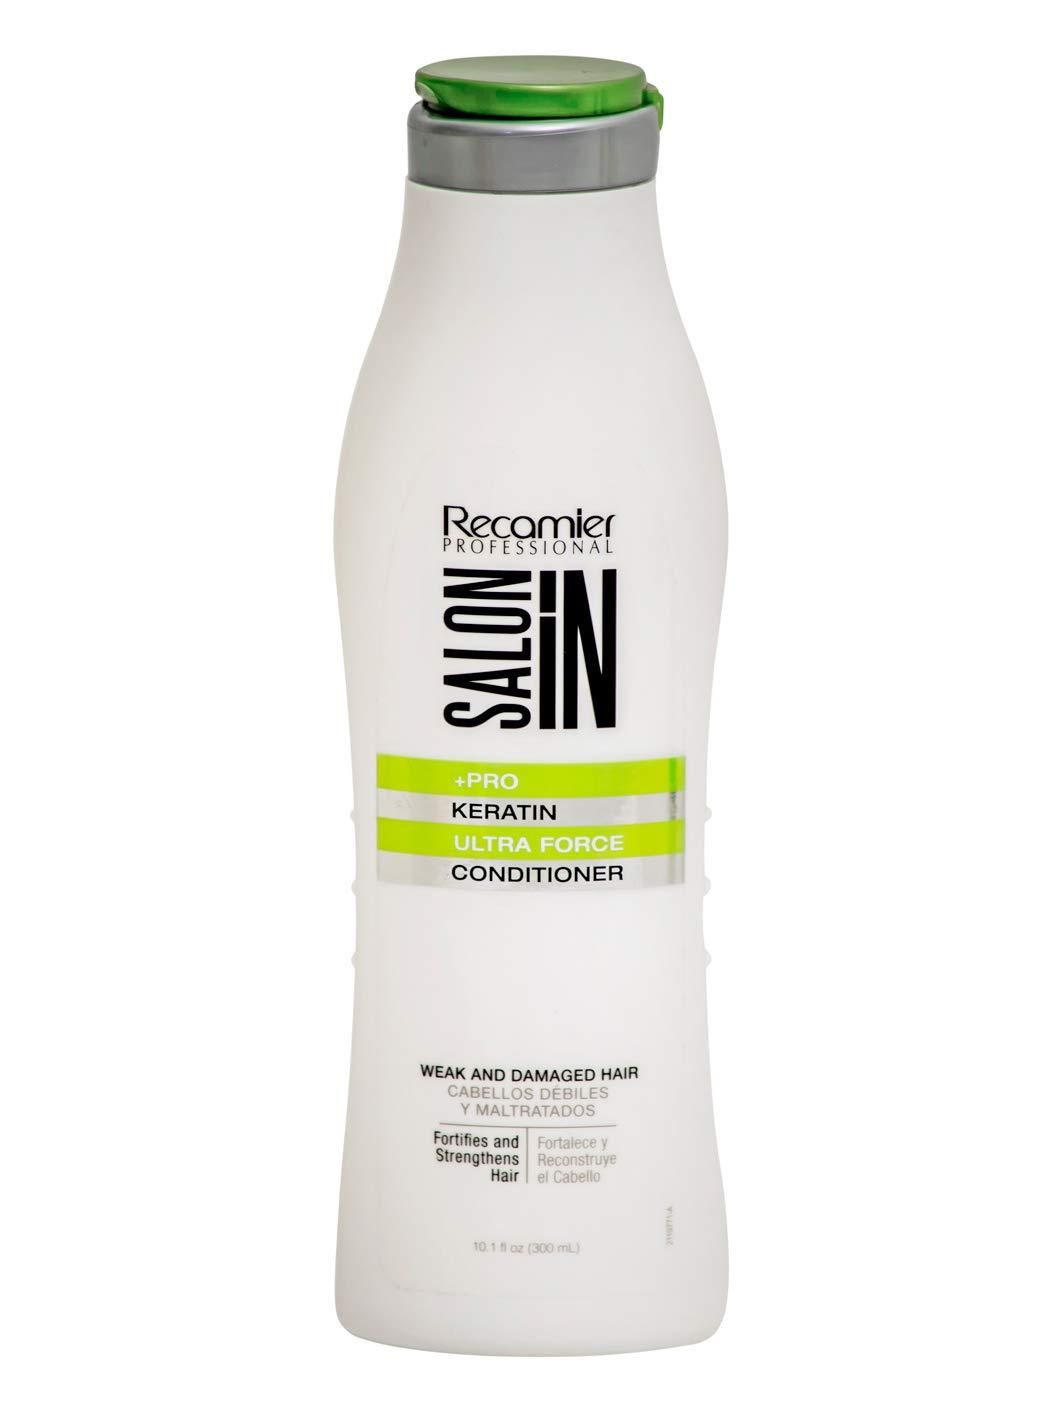 RECAMIER 34356 Professional Salon In Conditioner Keratin Treatment Hair Argan Oil Split End Mender Combing Cream Tratamiento Acondicionador para Cabello Seco y Maltratado con Aceite de Argan 10.1 OZ